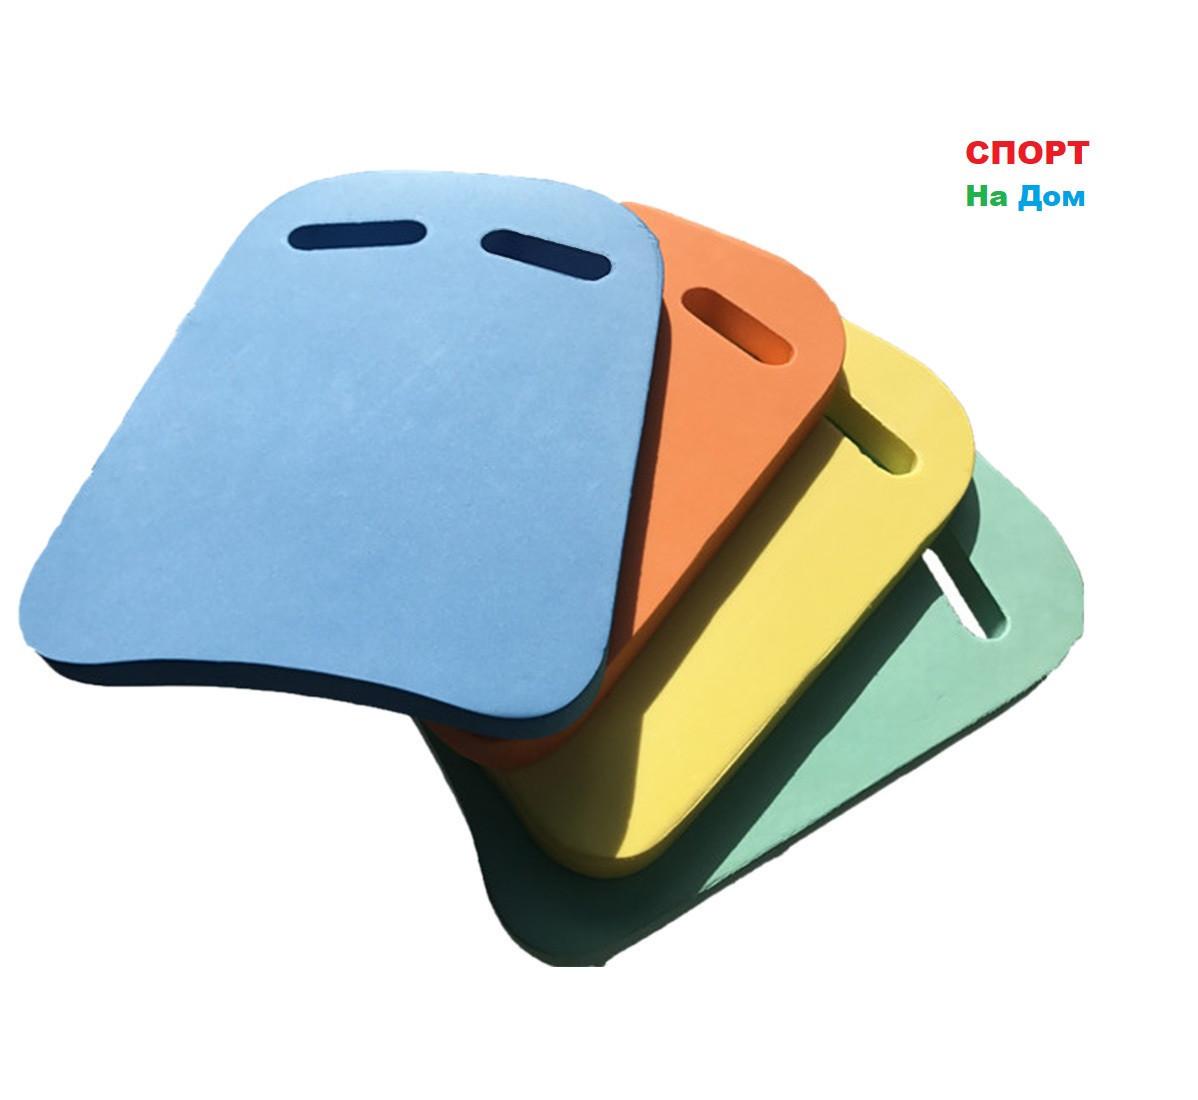 Доска для плавания Kickboard (цвет синий с желтым)